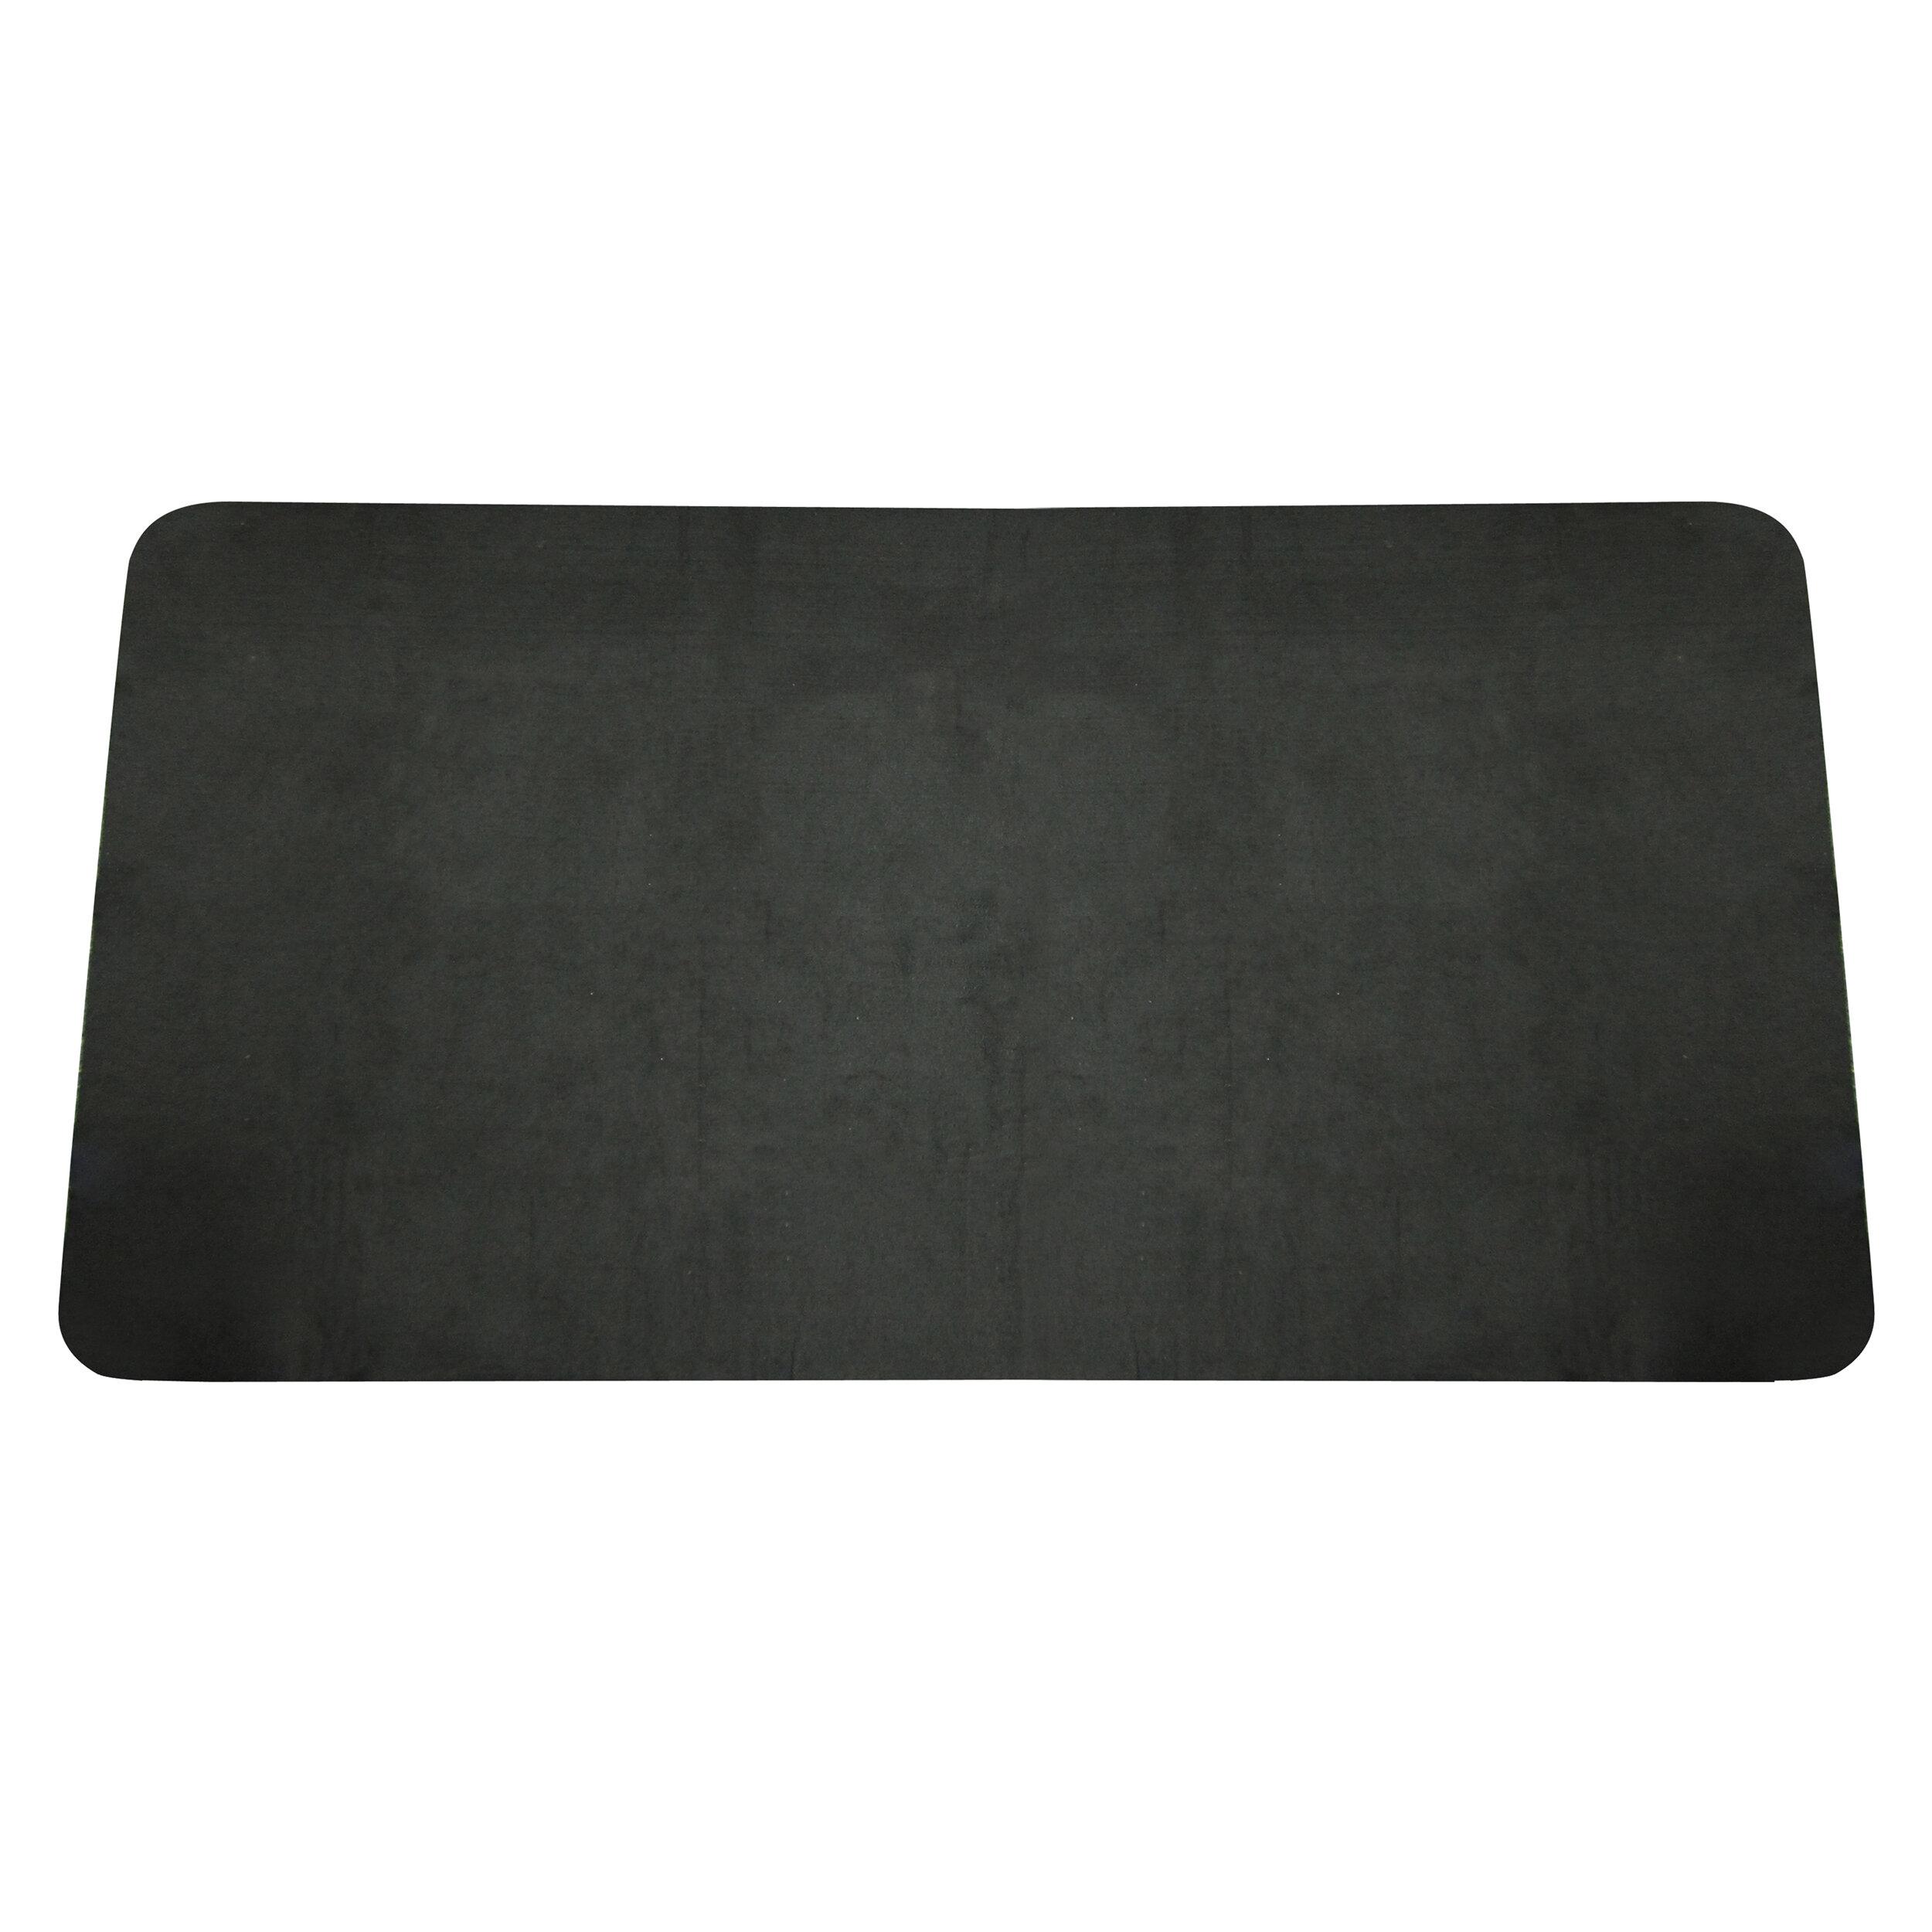 standing flexispot accessories fatigue wellness anti mats mat shop extreme